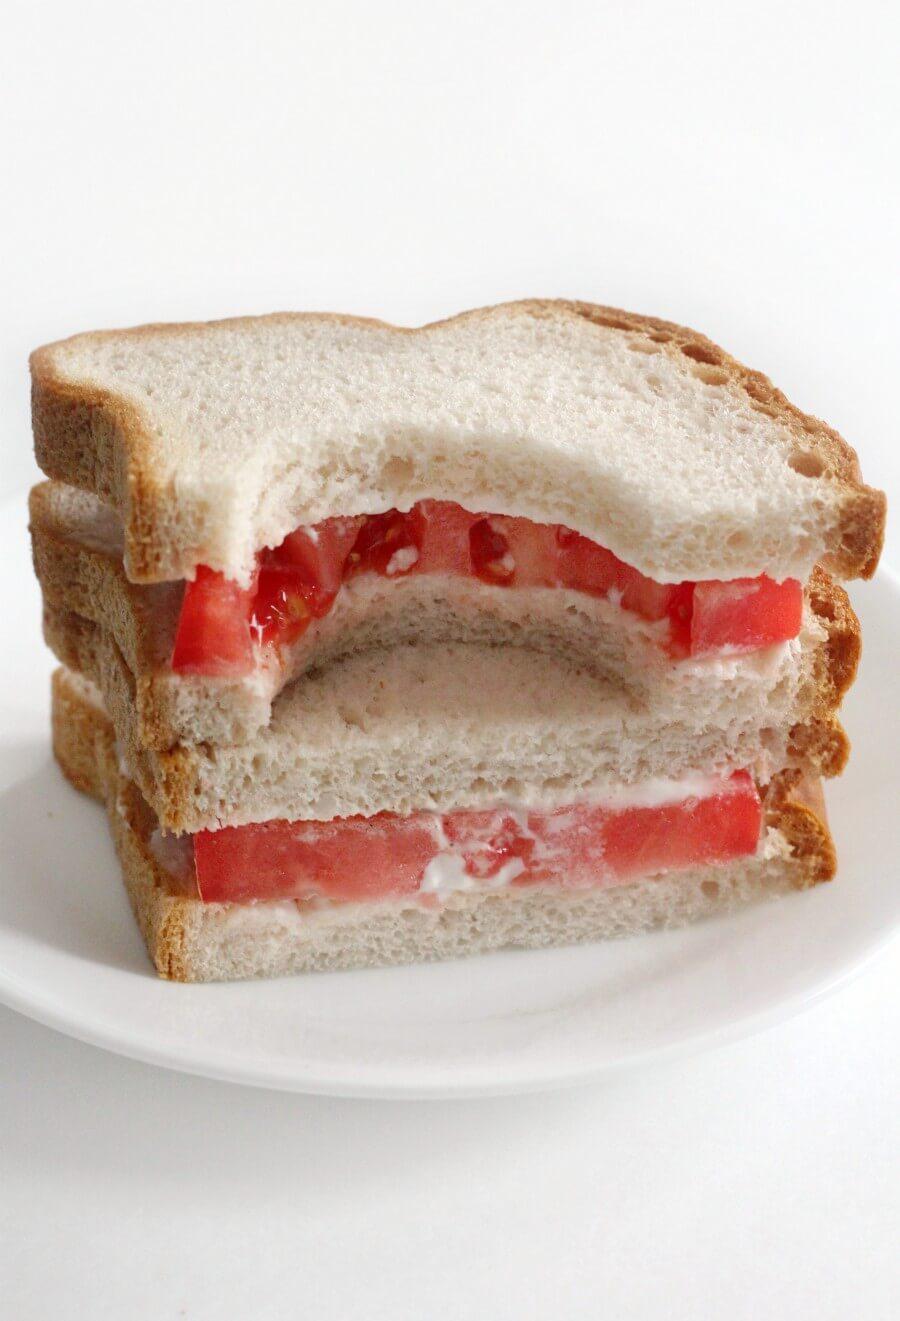 big bite taken out of a southern tomato sandwich